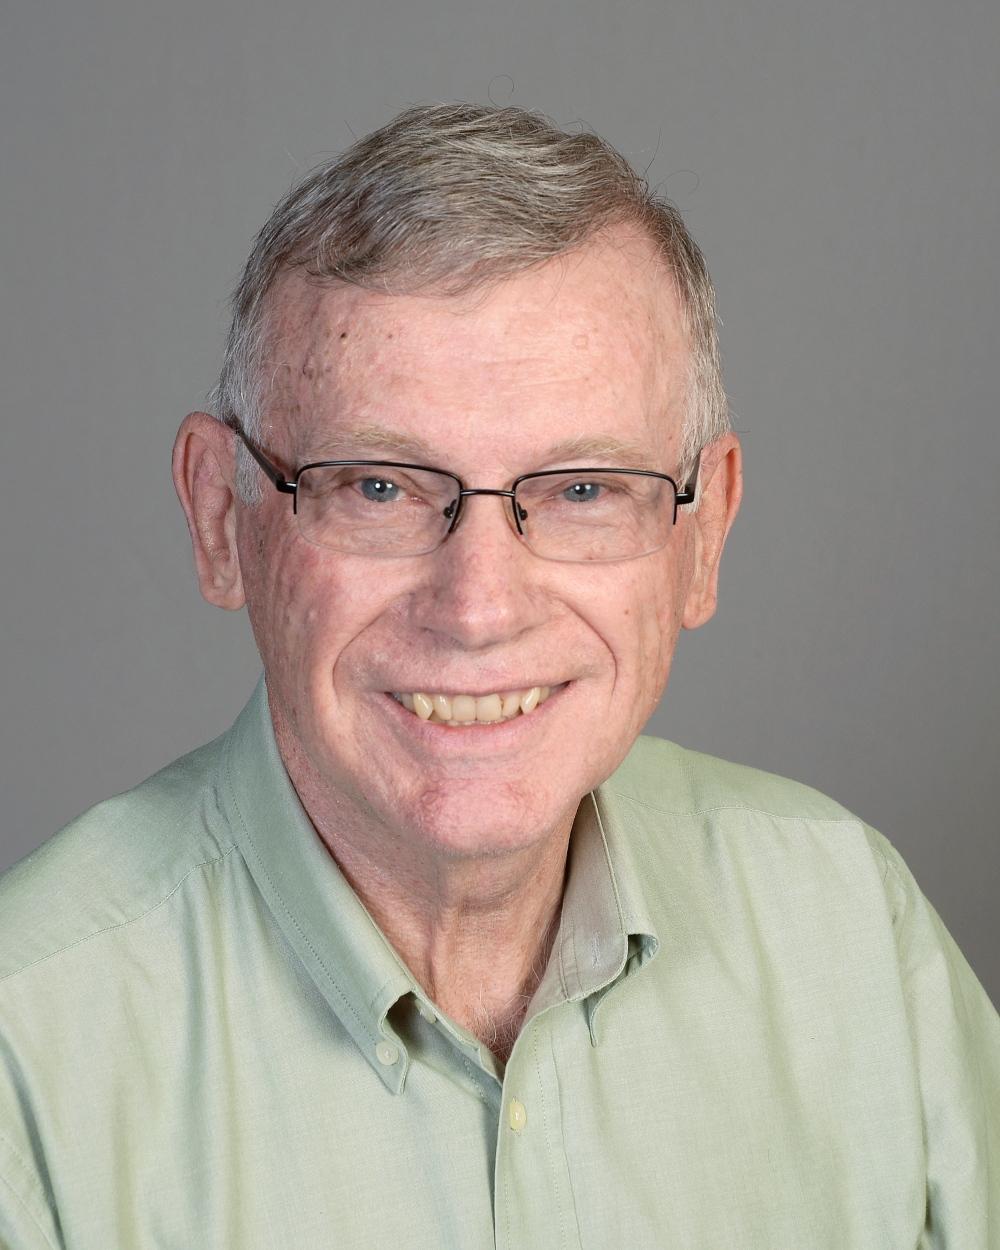 Treasurer Mr. Kenneth Finkle Faith, Jacksonville